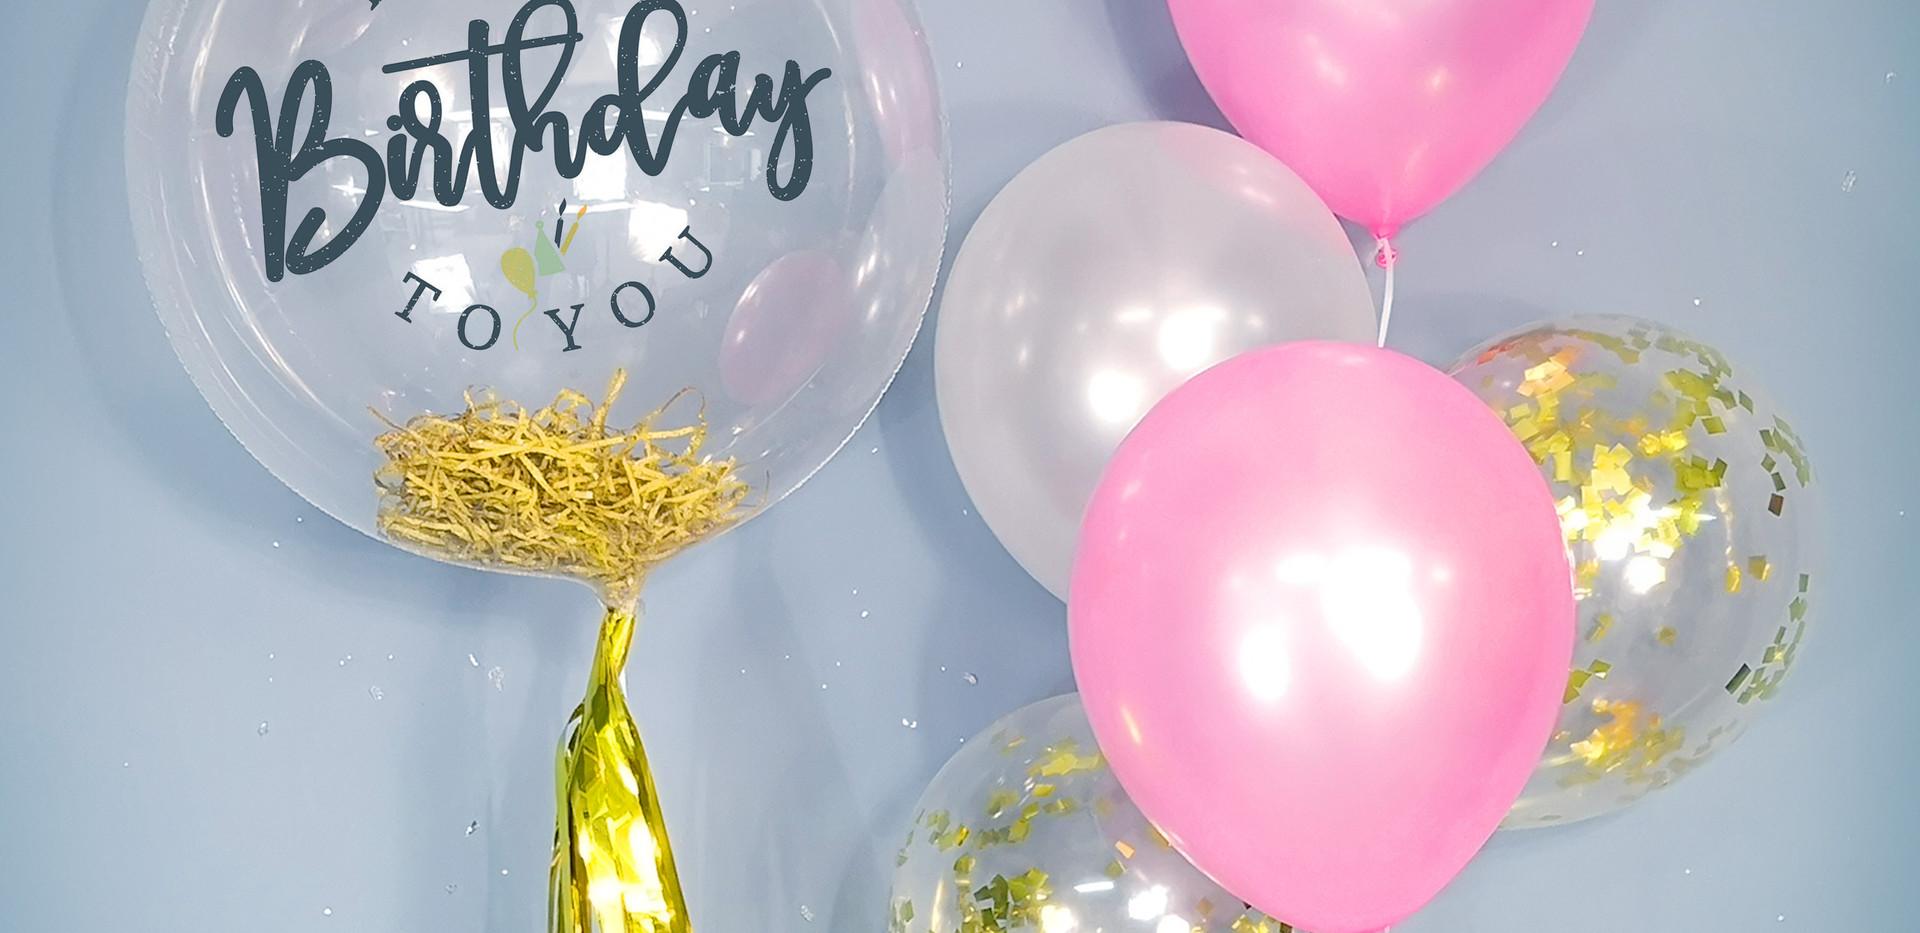 HAPPY BIRTHDAY3.jpg